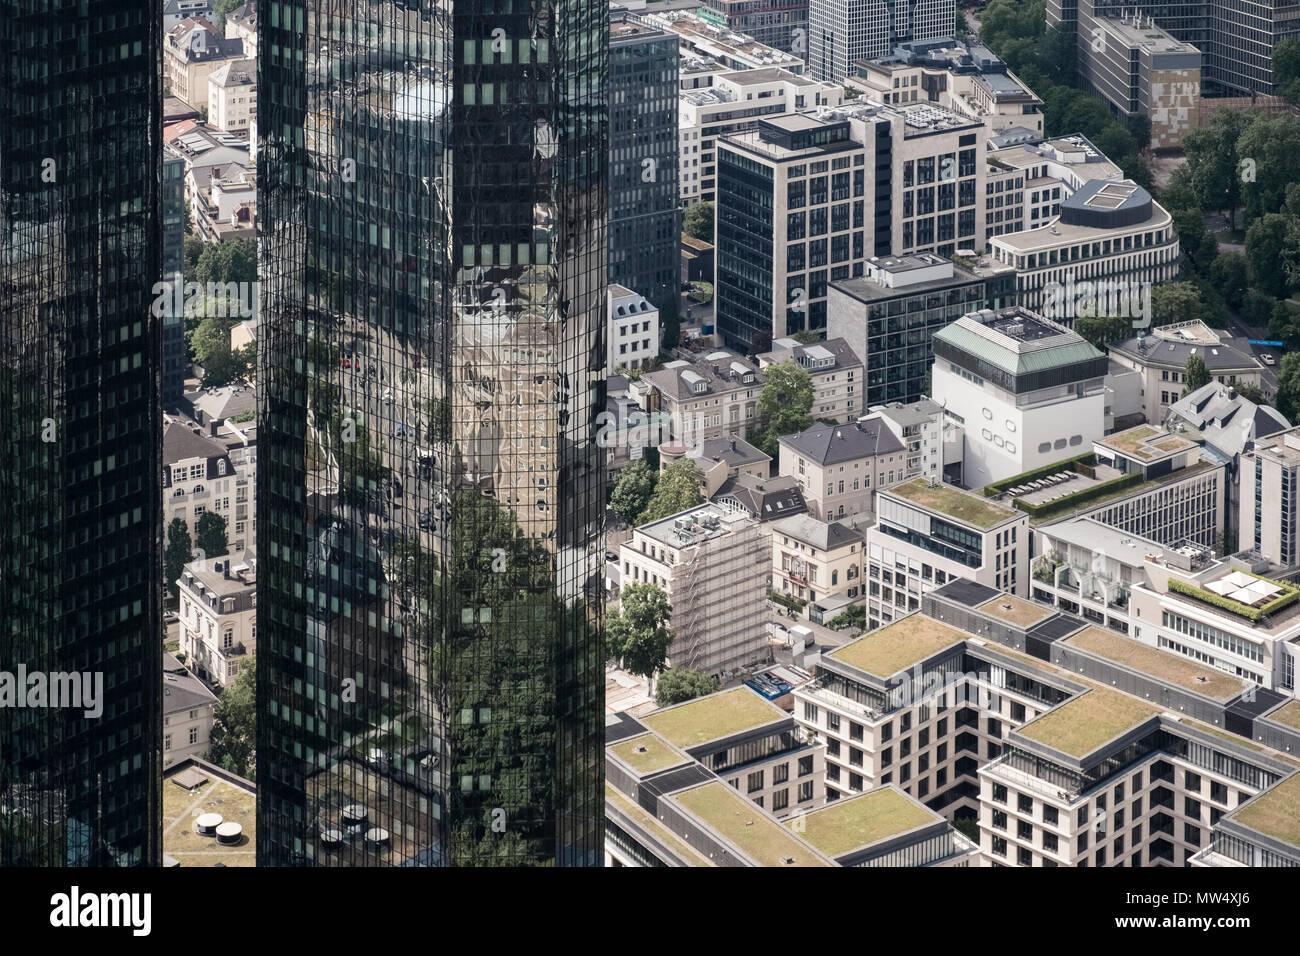 Luftbild von Frankfurt am Main, Deutschland, mit der Deutschen Bank Twin Towers und Umgebung Westend. Stockbild